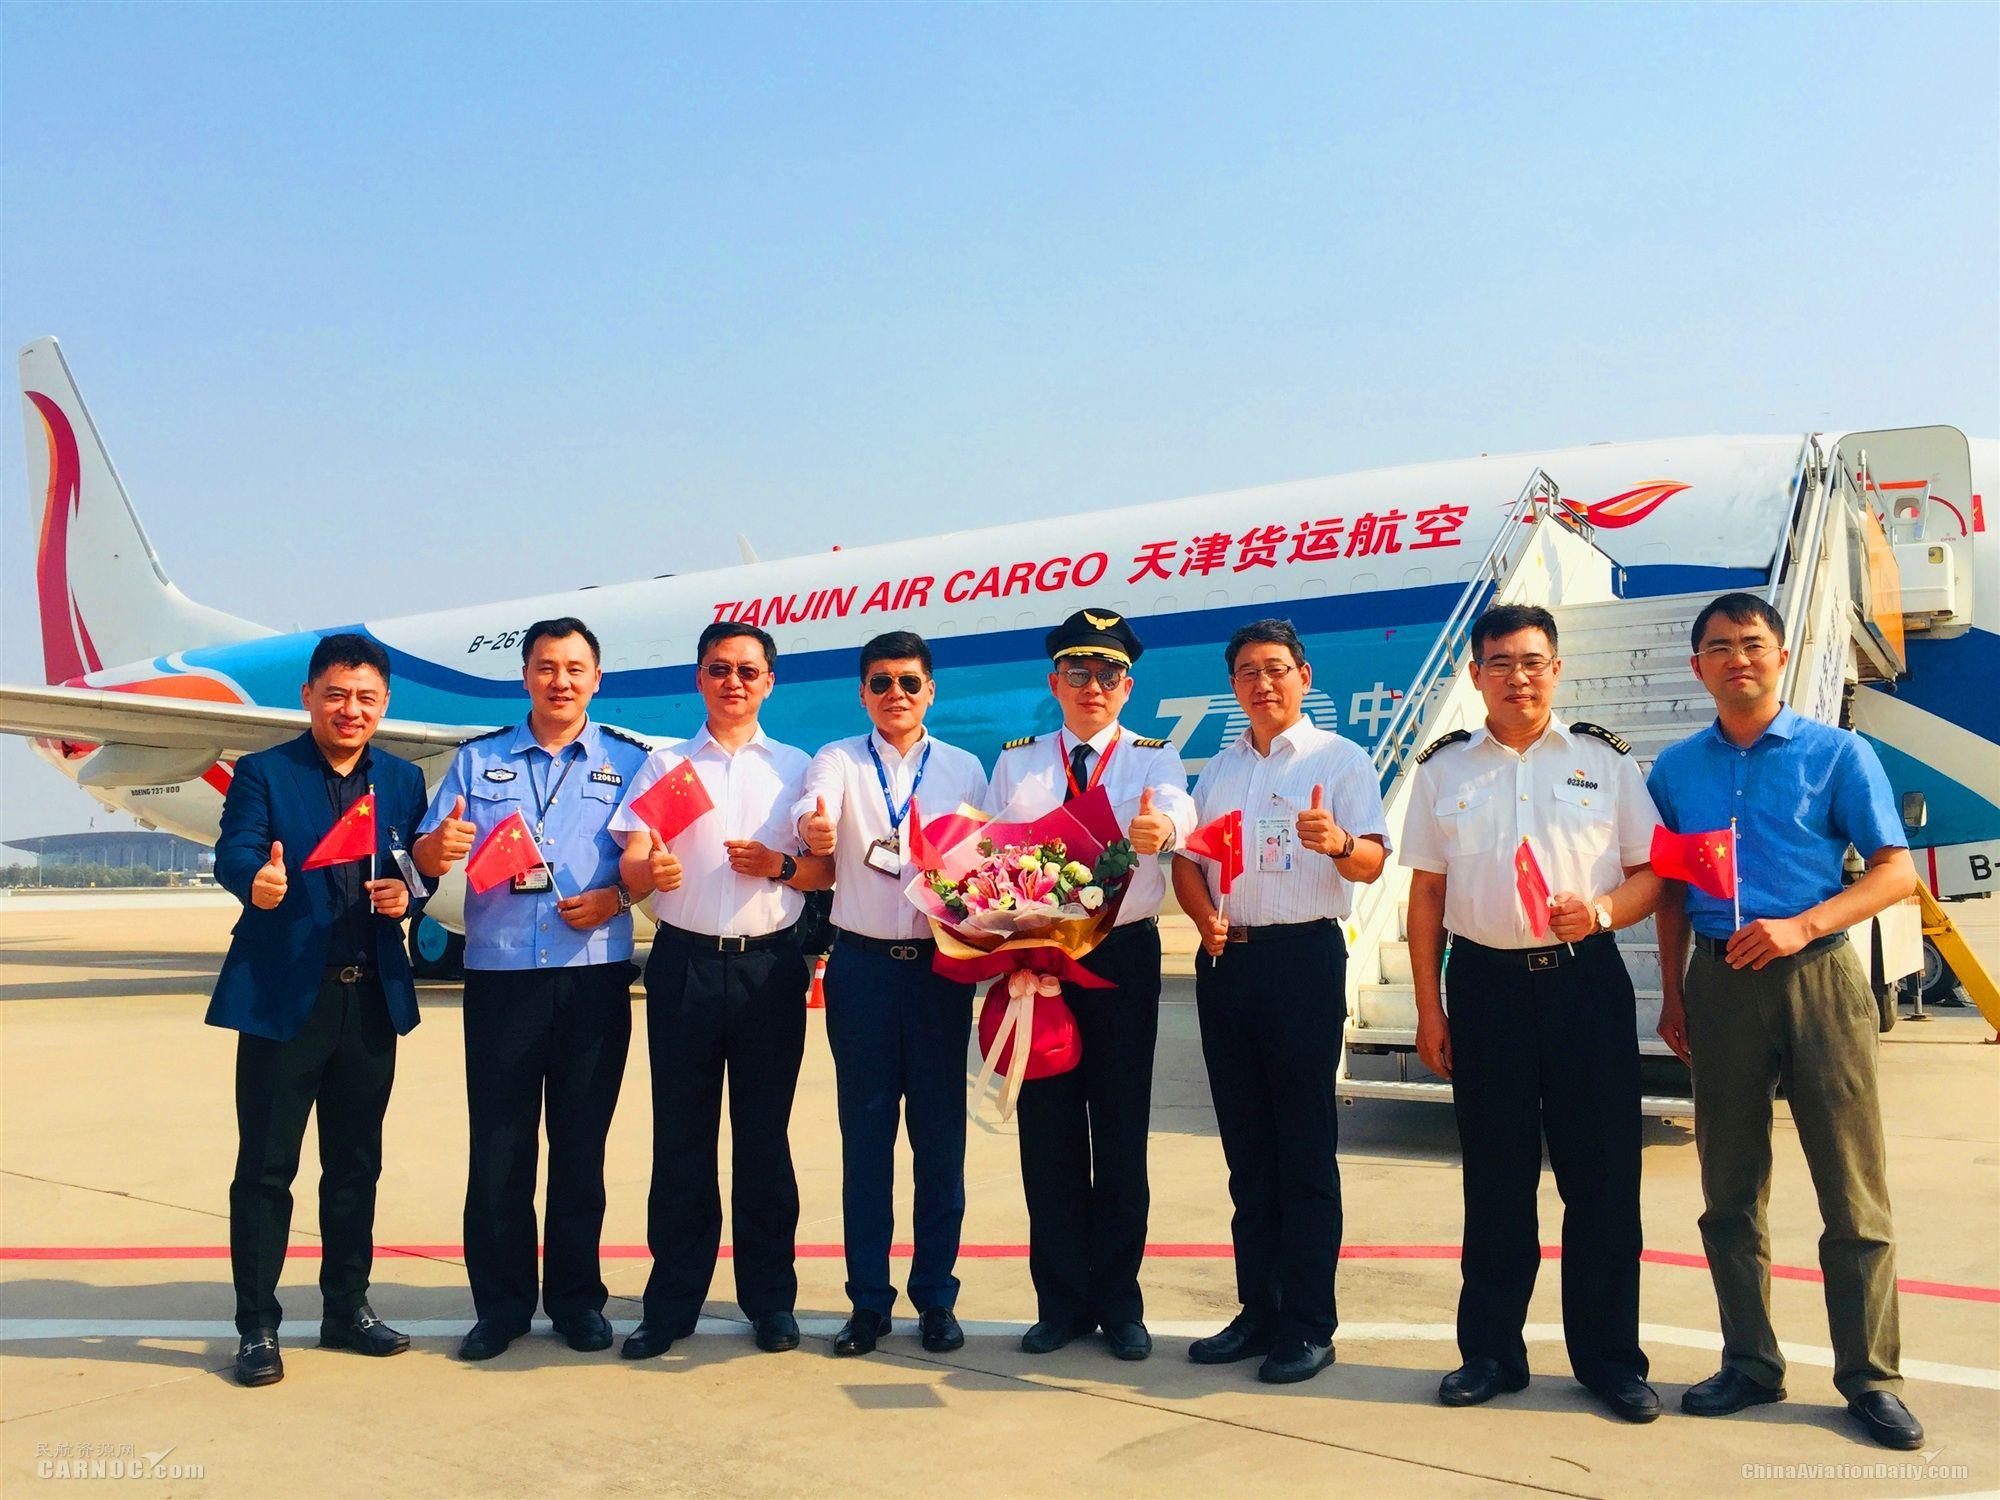 天津货运航空引进首架波音737-800型全货机